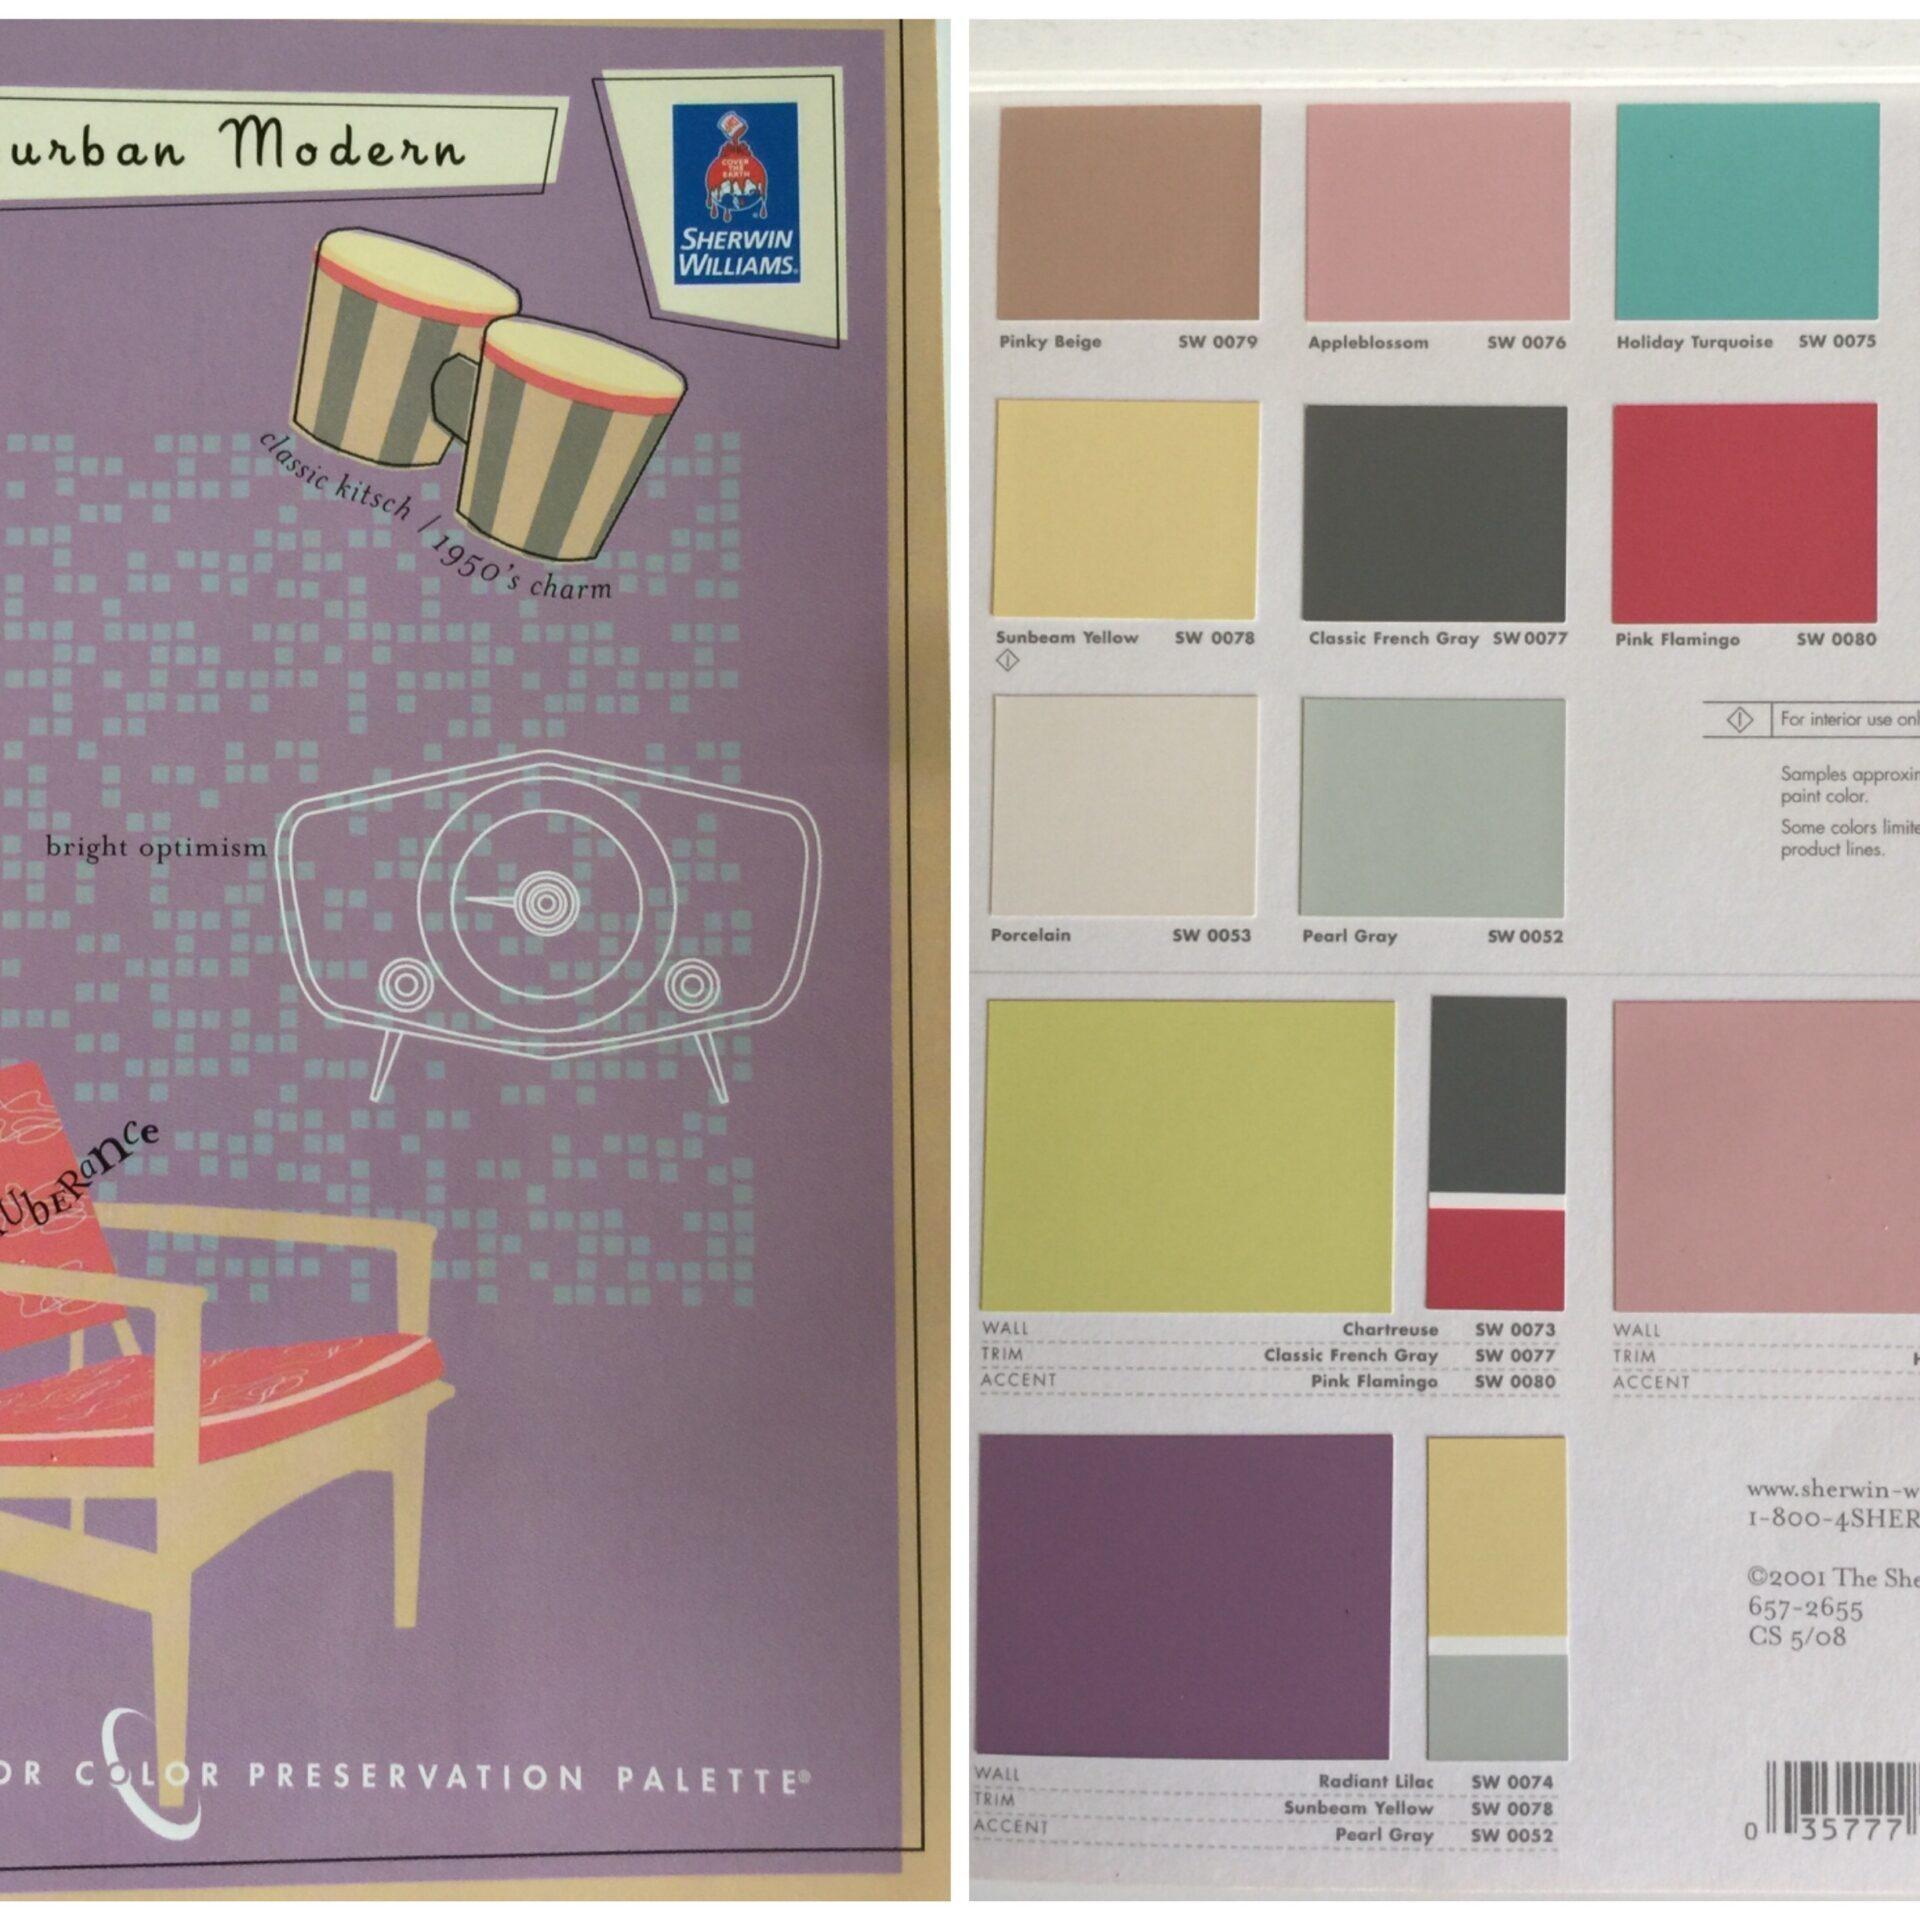 Sherwin Williams Suburban Modern Colors